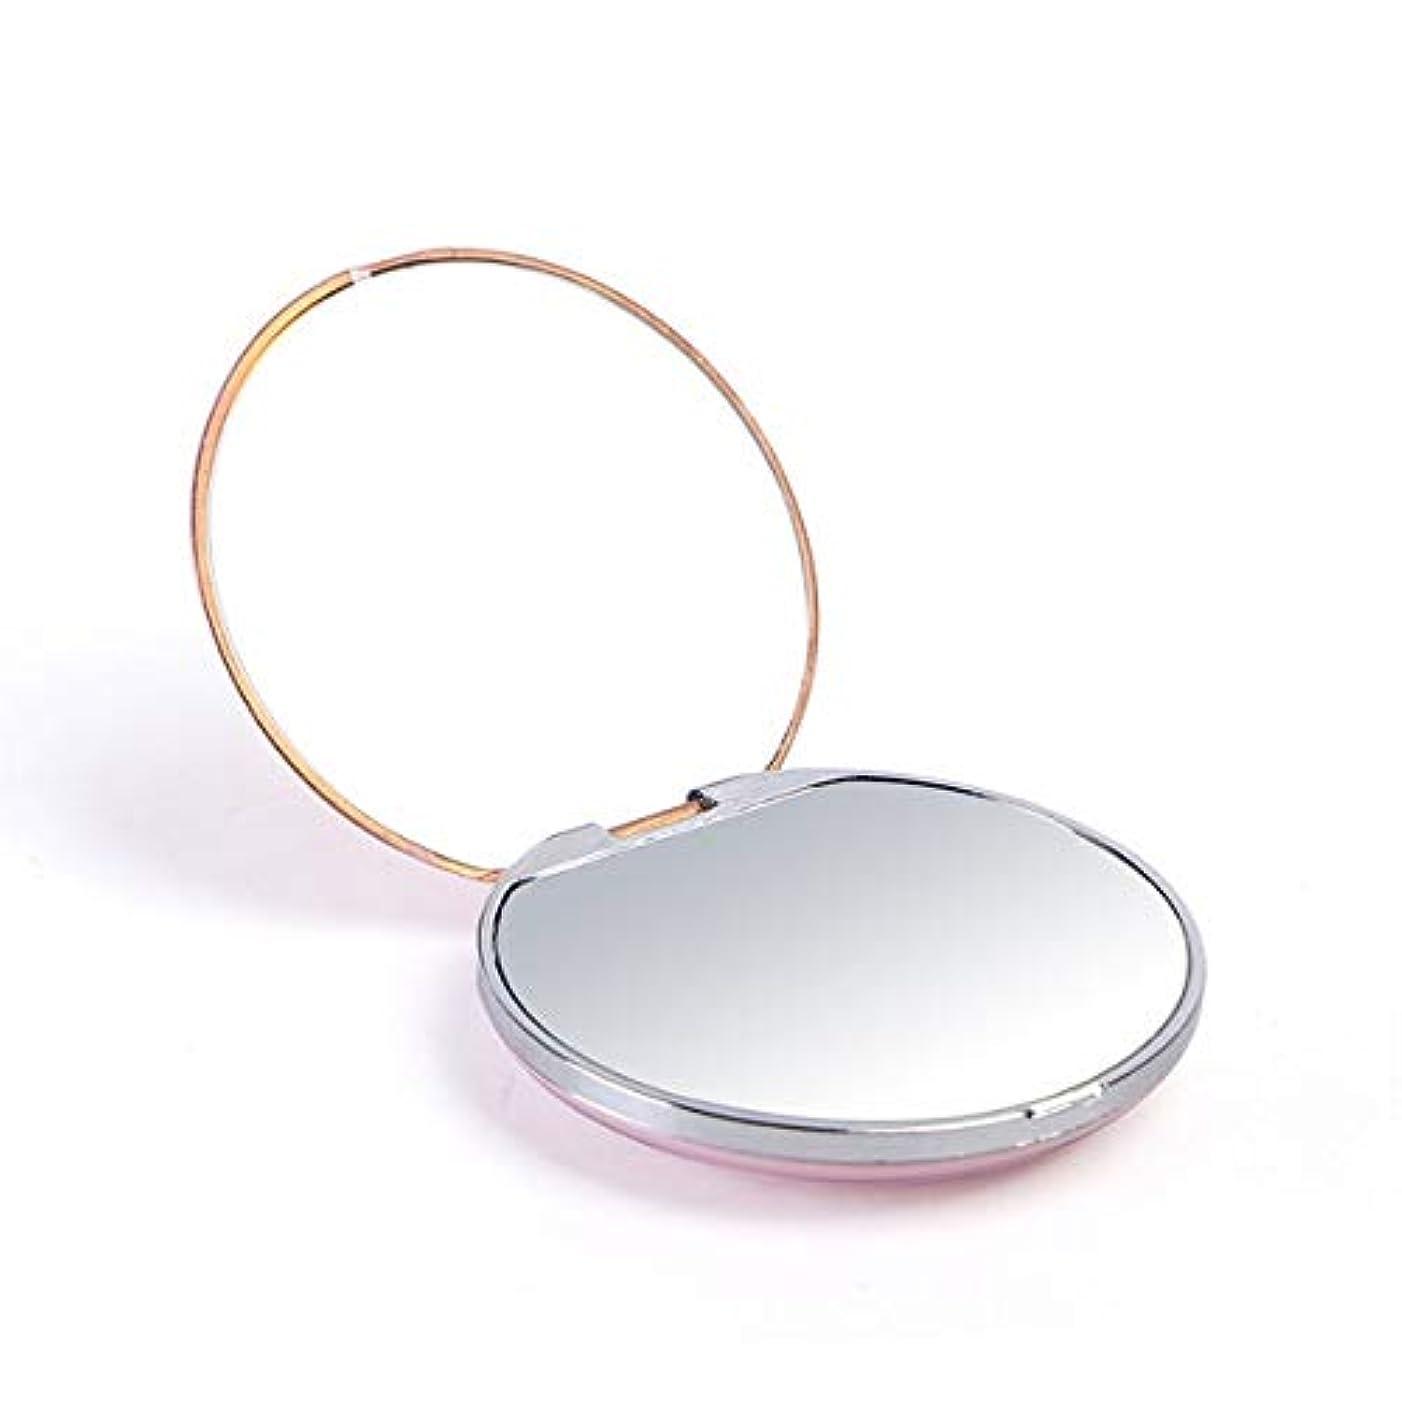 浜辺宝石旋回化粧鏡、亜鉛合金テクスチャアップグレード化粧鏡化粧鏡化粧ギフト